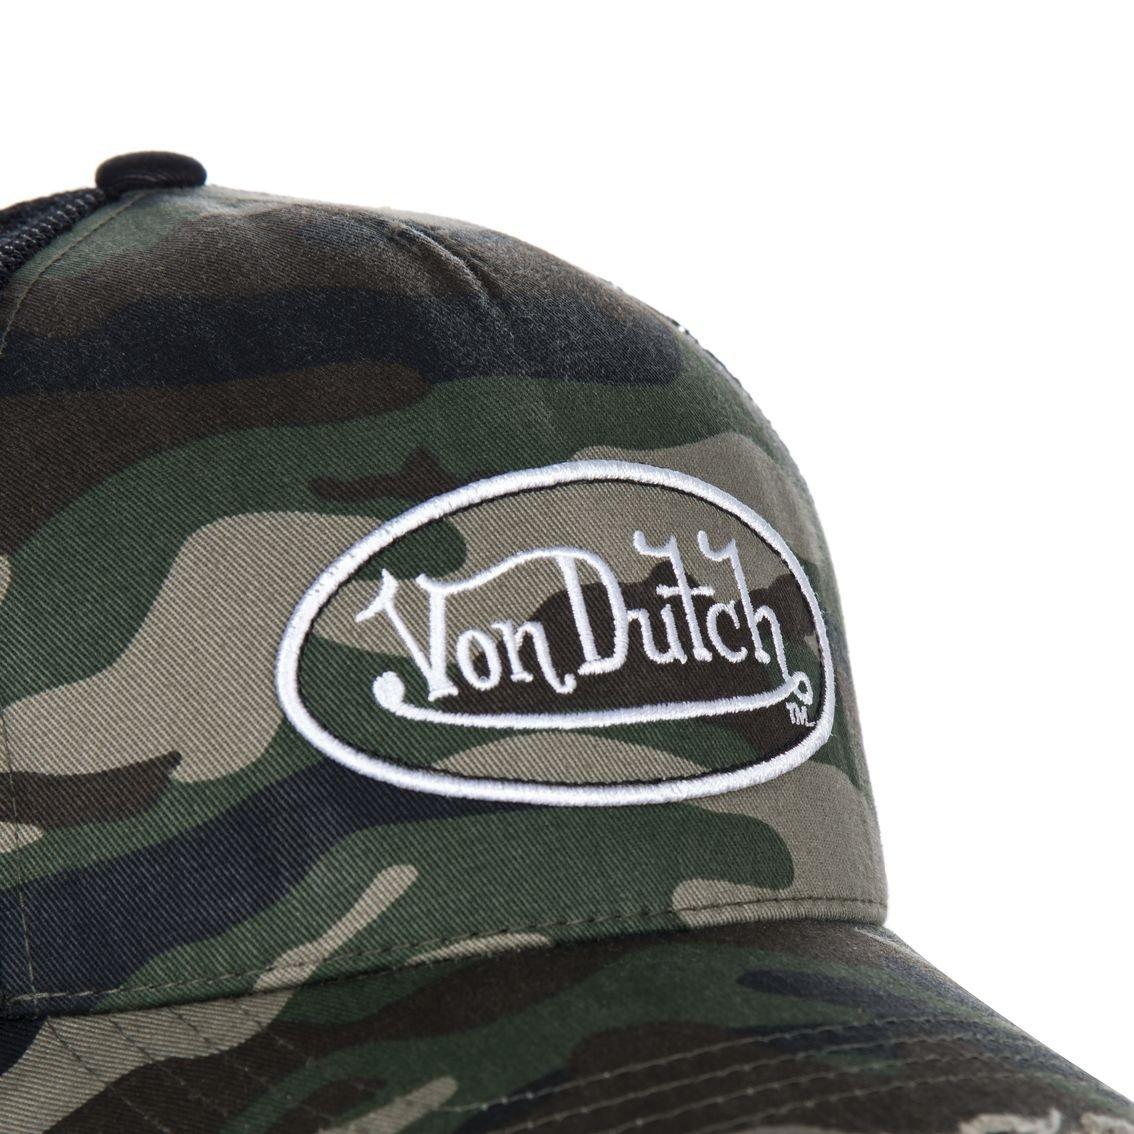 Von Dutch gorra de beisbol hombre Camuflaje  Amazon.es  Ropa y accesorios 266a6198193